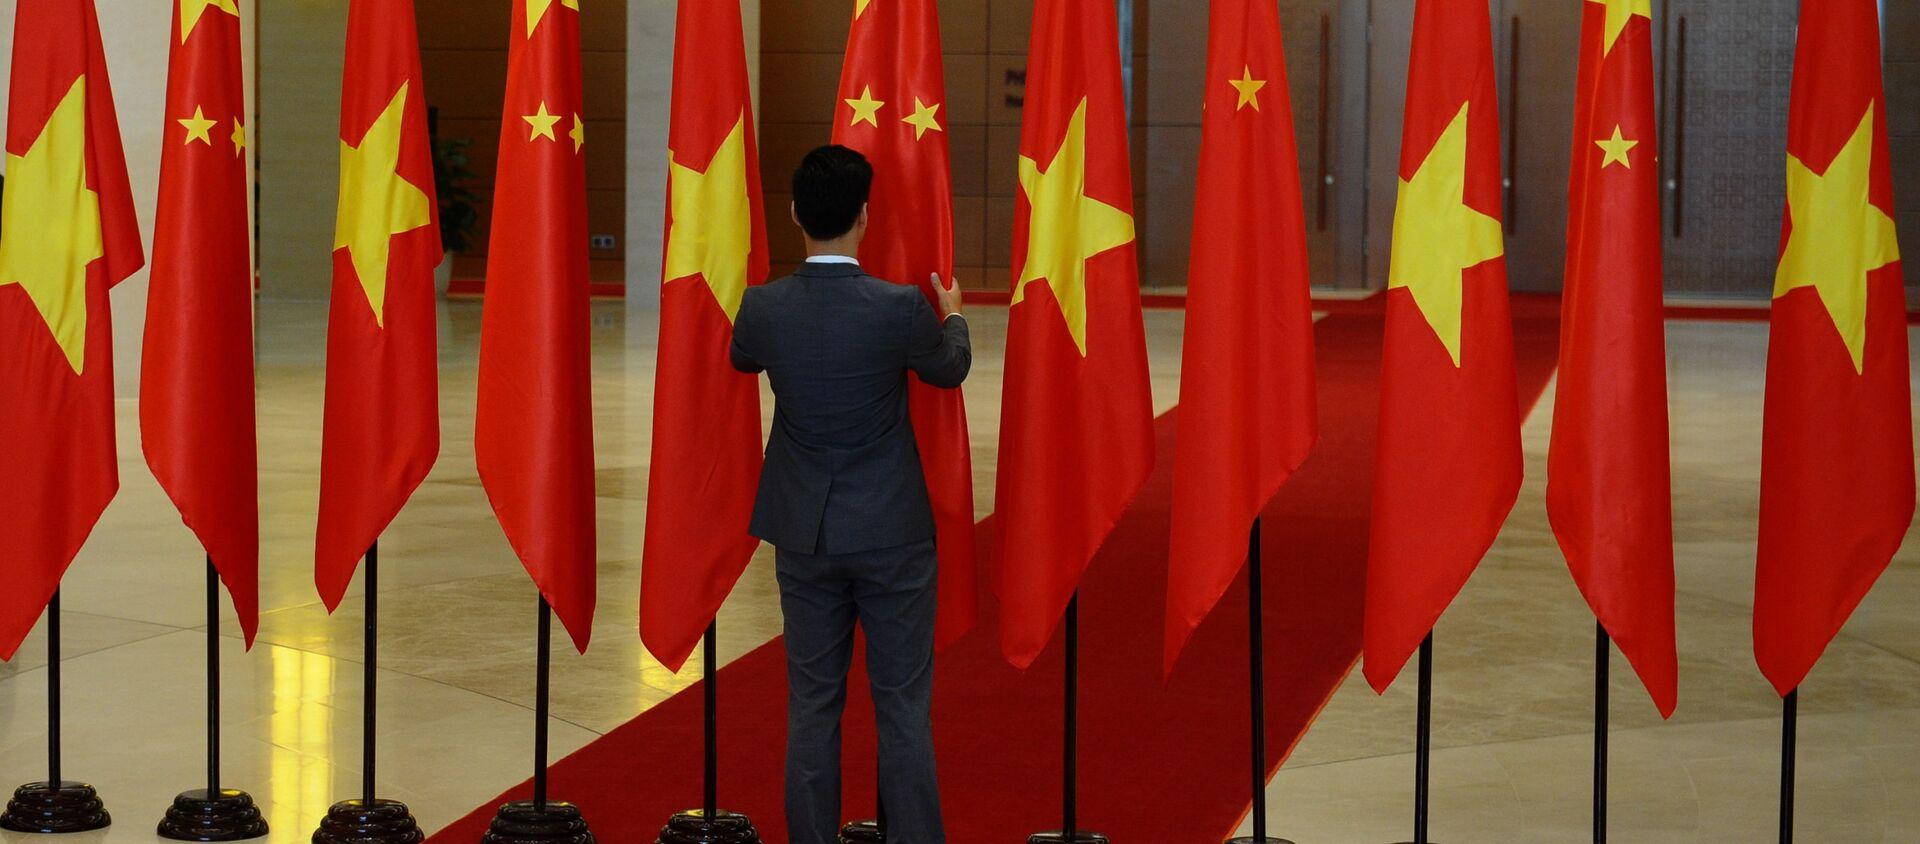 Cờ quốc gia Trung Quốc và Việt Nam - Sputnik Việt Nam, 1920, 25.06.2021